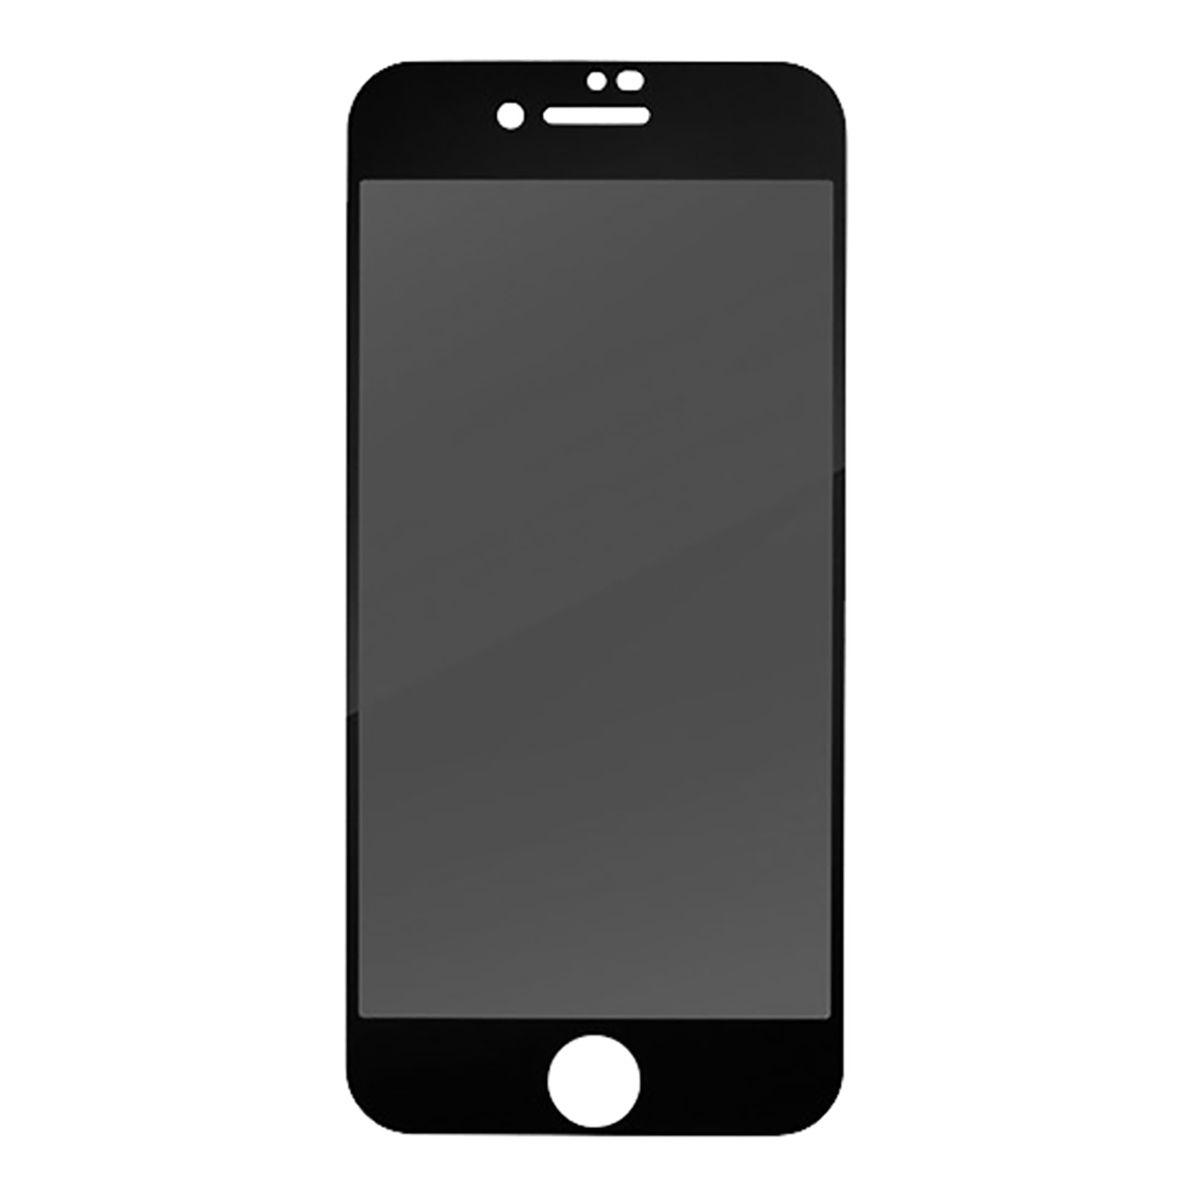 محافظ صفحه نمایش حریم شخصی مدل BGR مناسب برای گوشی موبایل اپل iphoneSE 2020